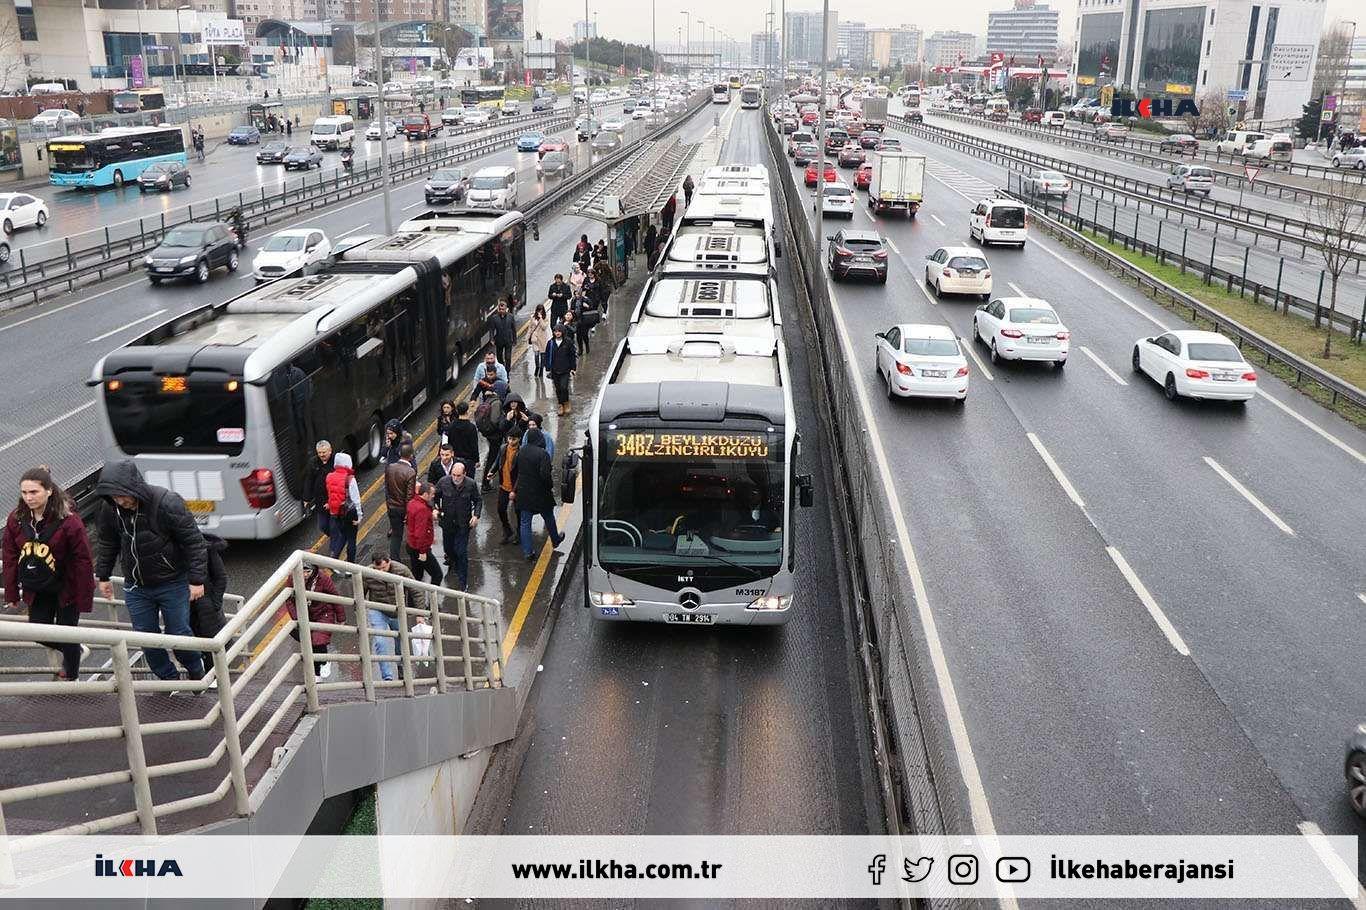 İstanbulda sağlıkçılar toplu taşıma ve İSPARKı ücretsiz kullanmaya devam edecek